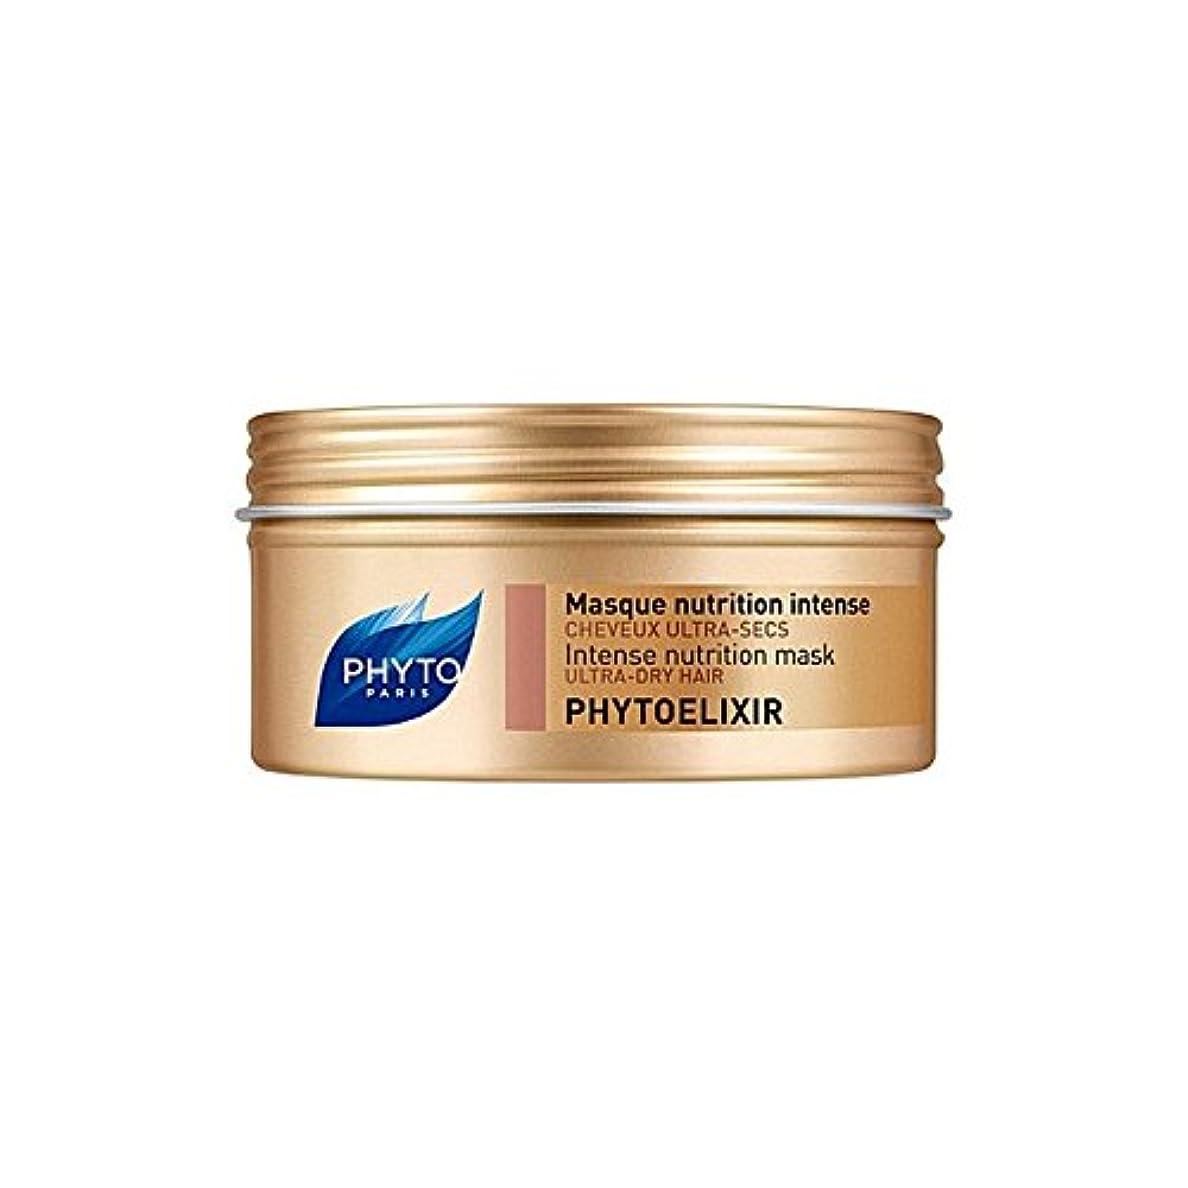 降雨仲間、同僚ドットPhyto Phytoelixir Intense Nutrition Mask (Pack of 6) - フィトの強烈な栄養マスク x6 [並行輸入品]